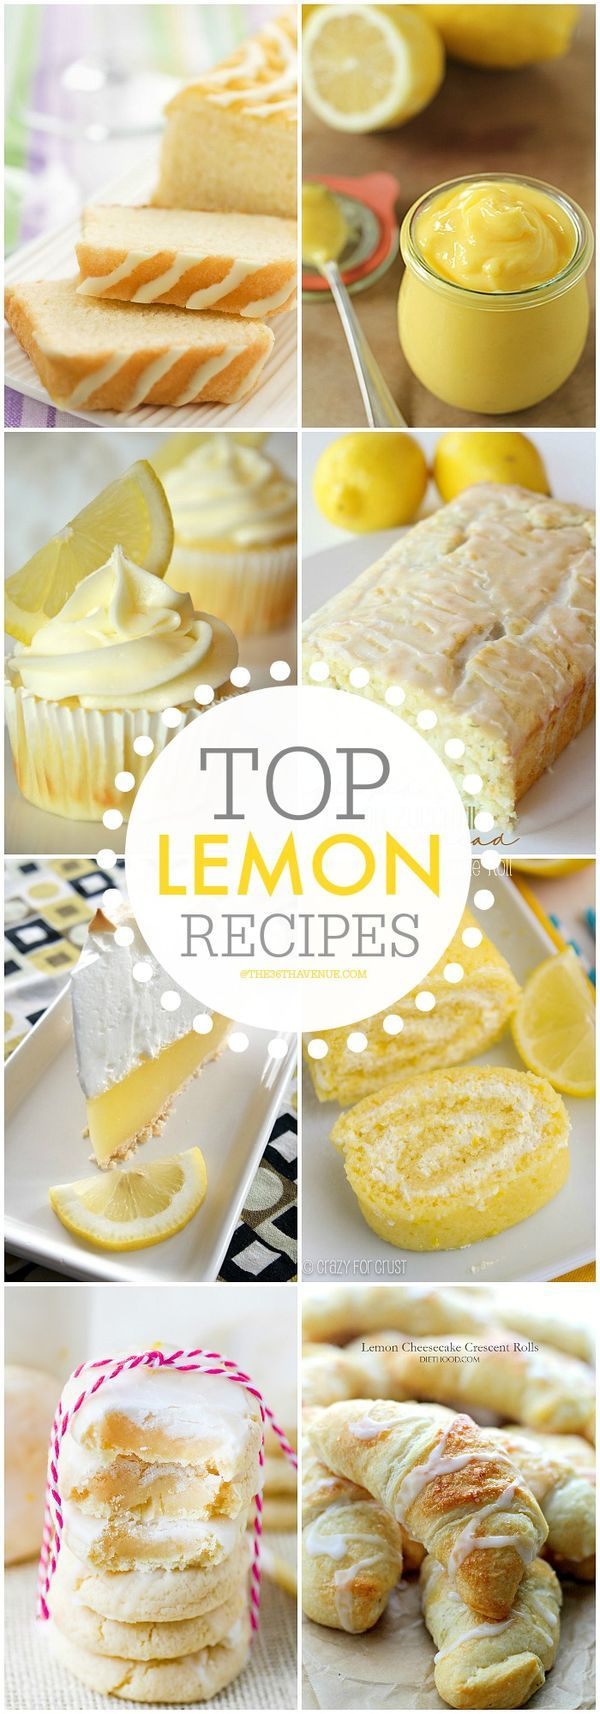 Best Lemon Recipes! Easy Dessert and Breakfast Recipes!